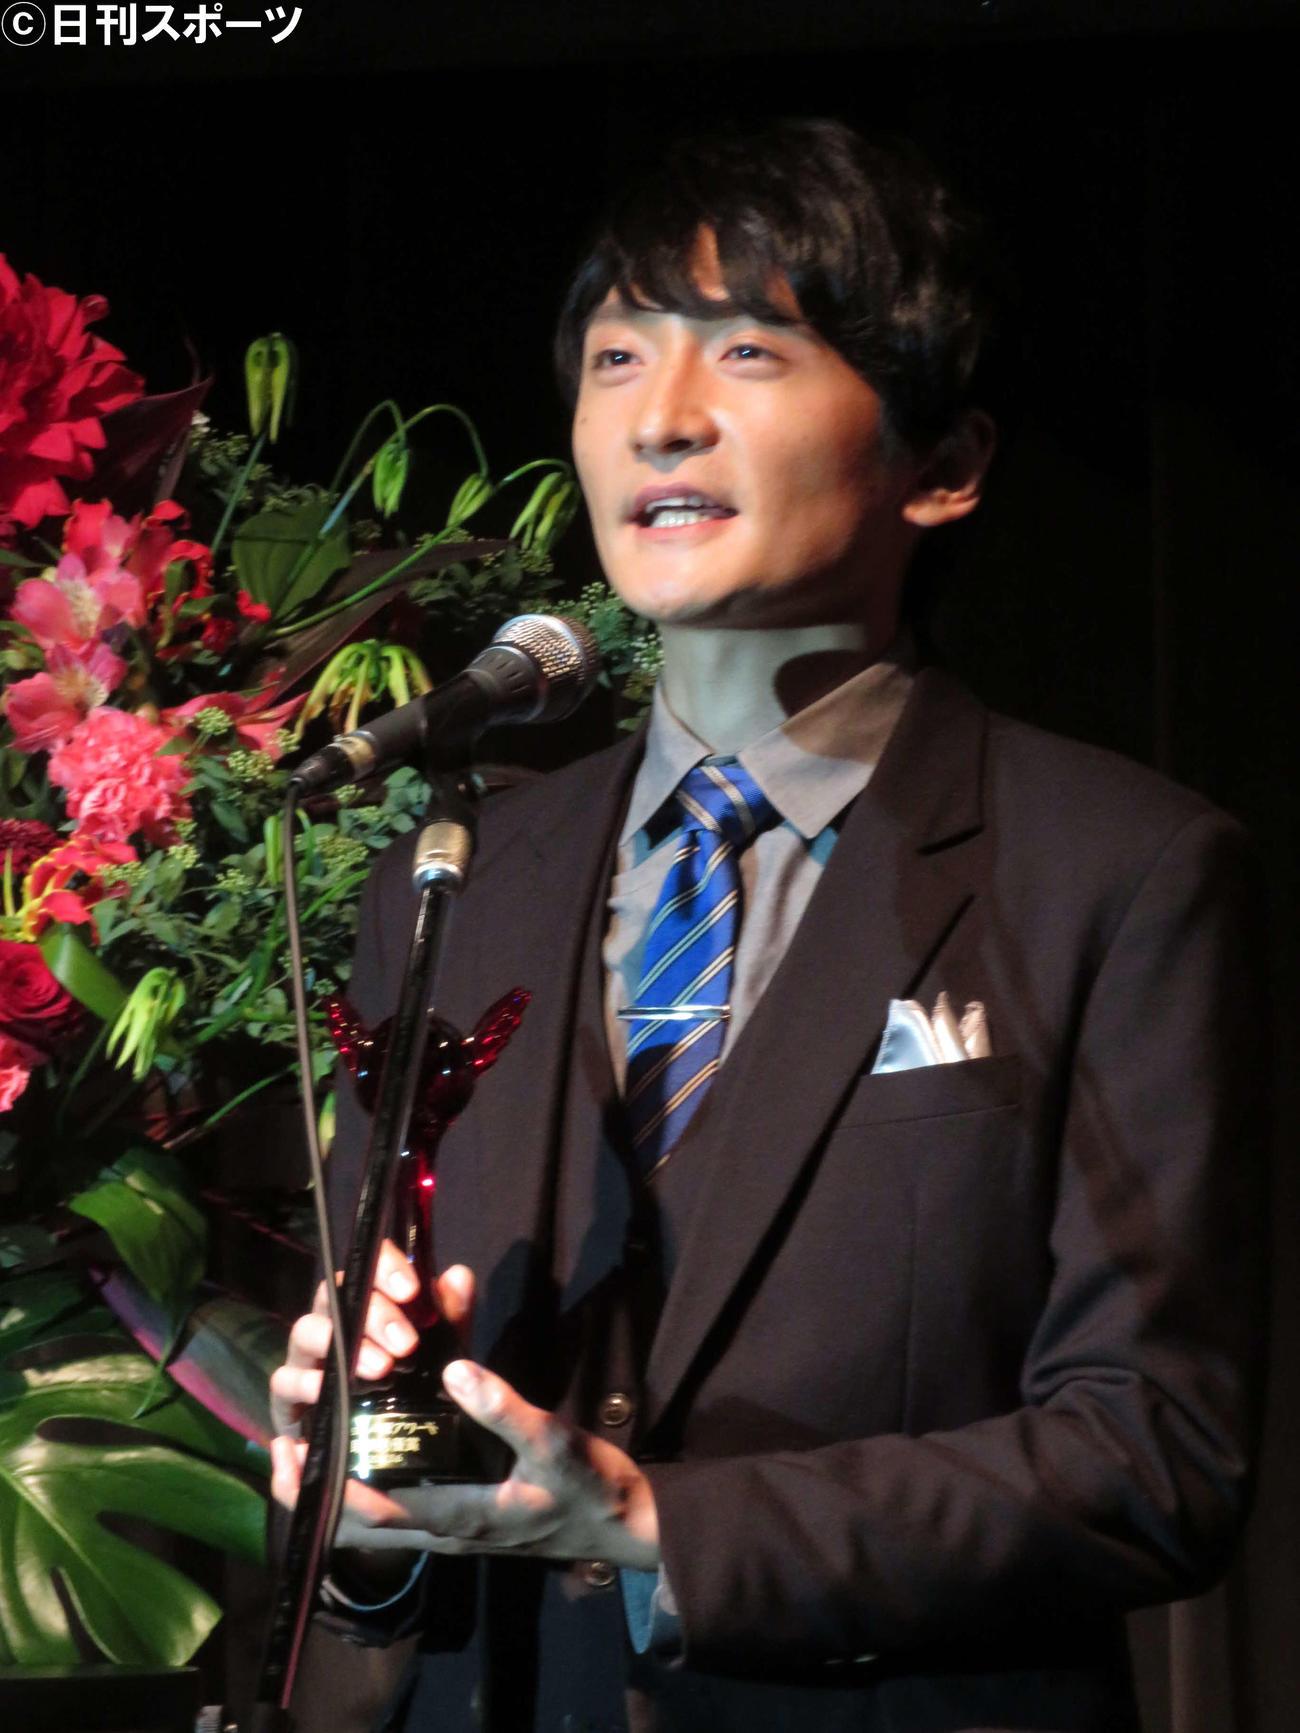 第15回声優アワードで助演男優賞を受賞した島崎信長(撮影・村上幸将)